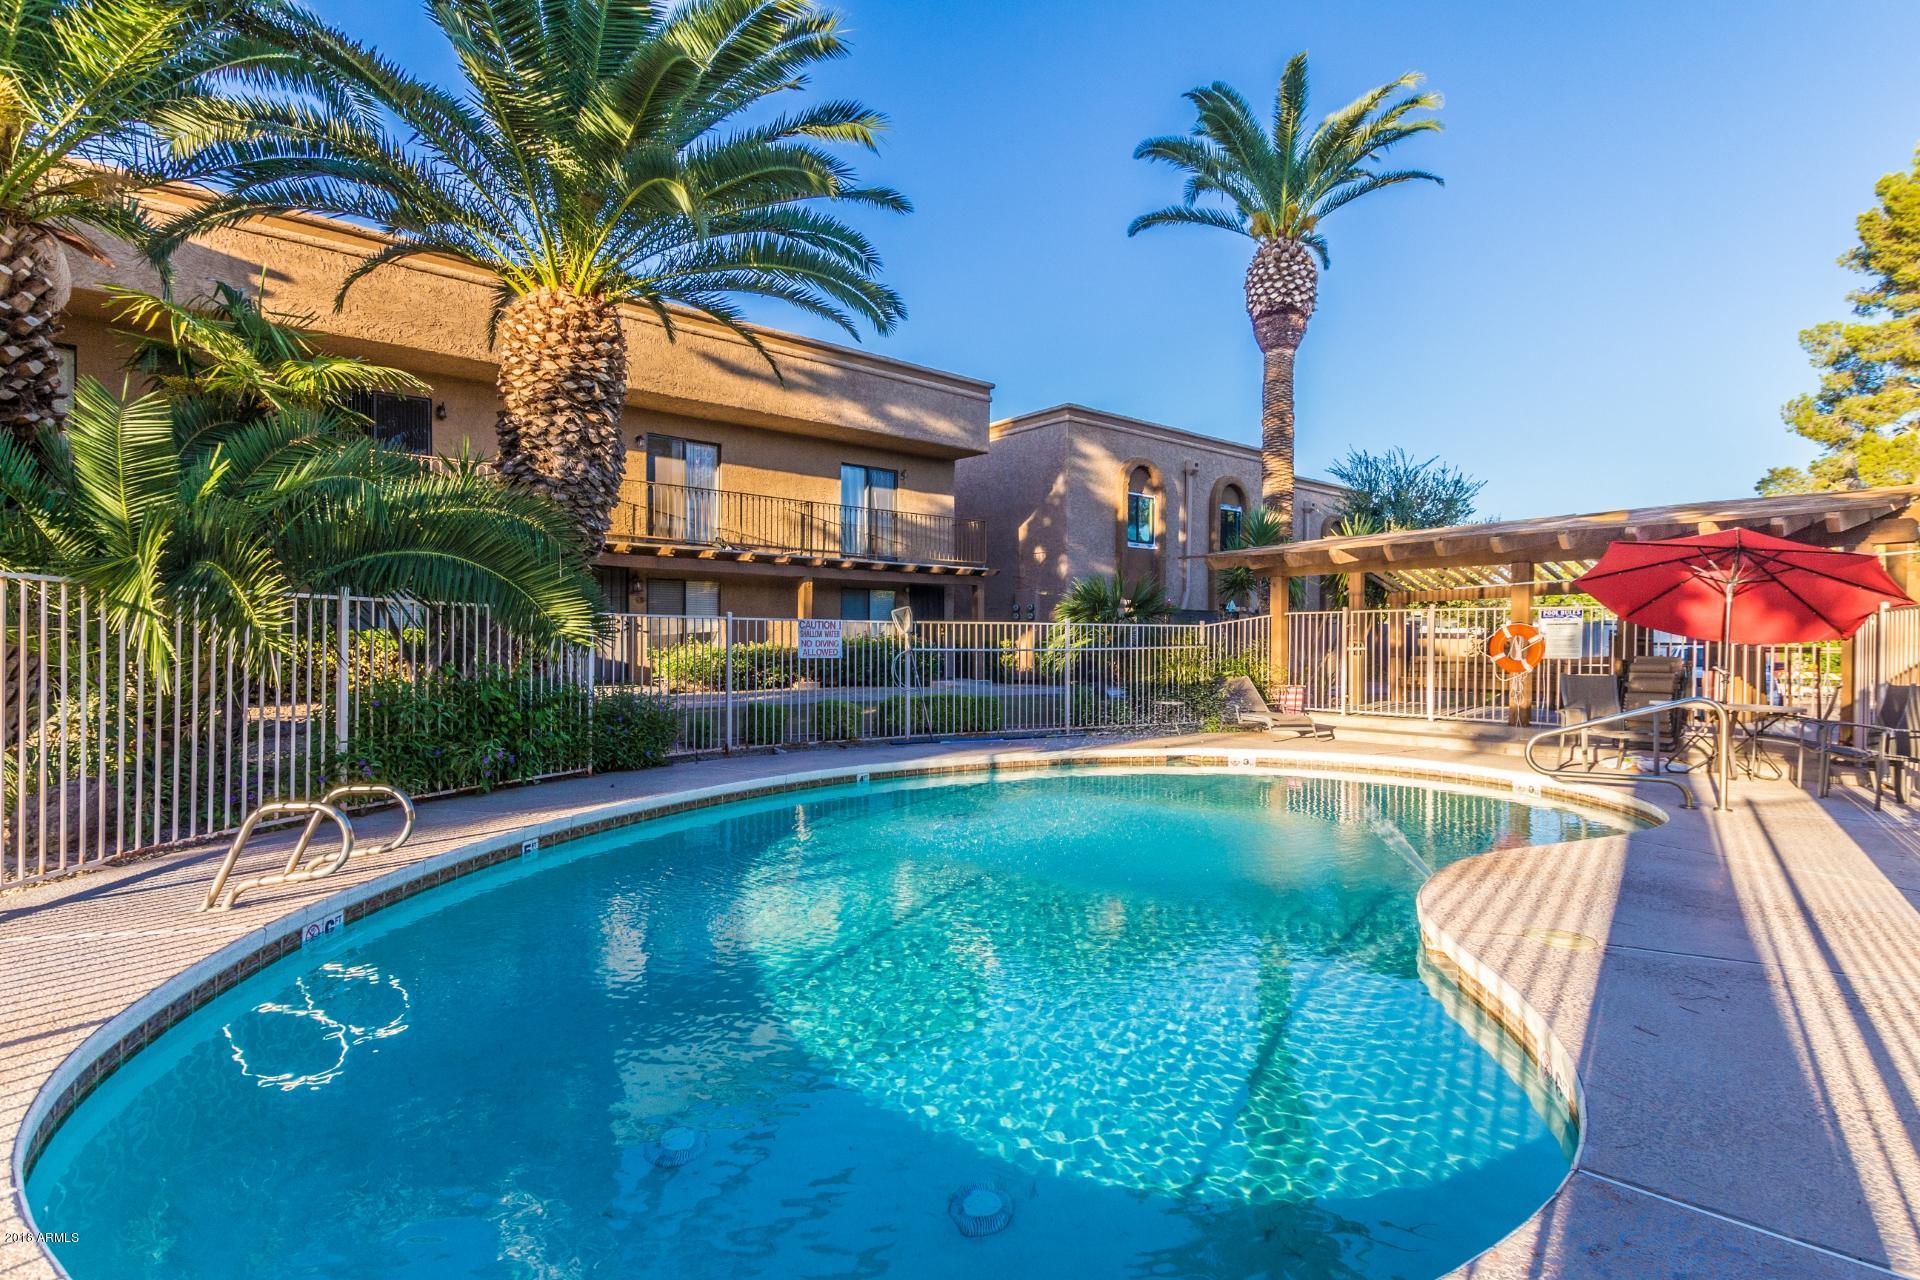 MLS 5831799 3501 N 64TH Street Unit 21, Scottsdale, AZ 85251 Scottsdale AZ Golf